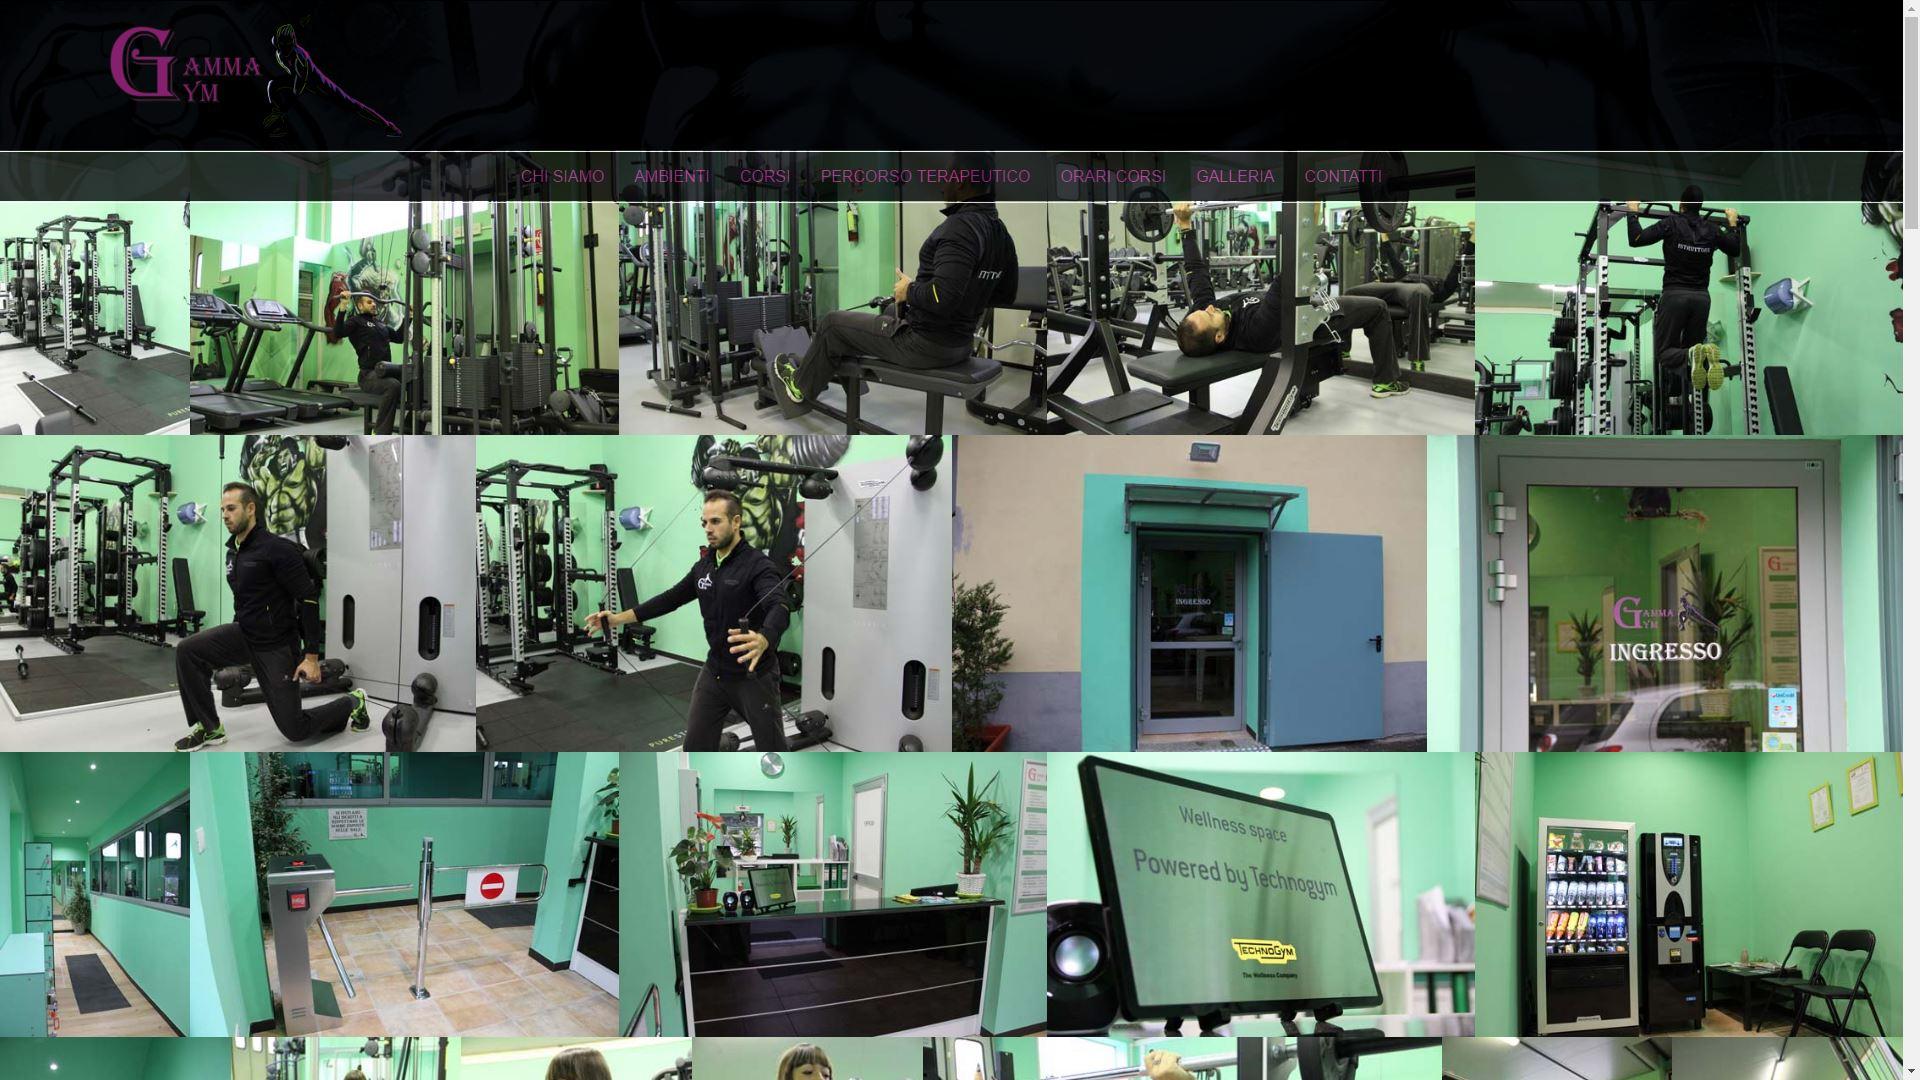 Mk Computers - Assistenza PC e Siti Web Caselle Torinese - Gamma Gym galleria